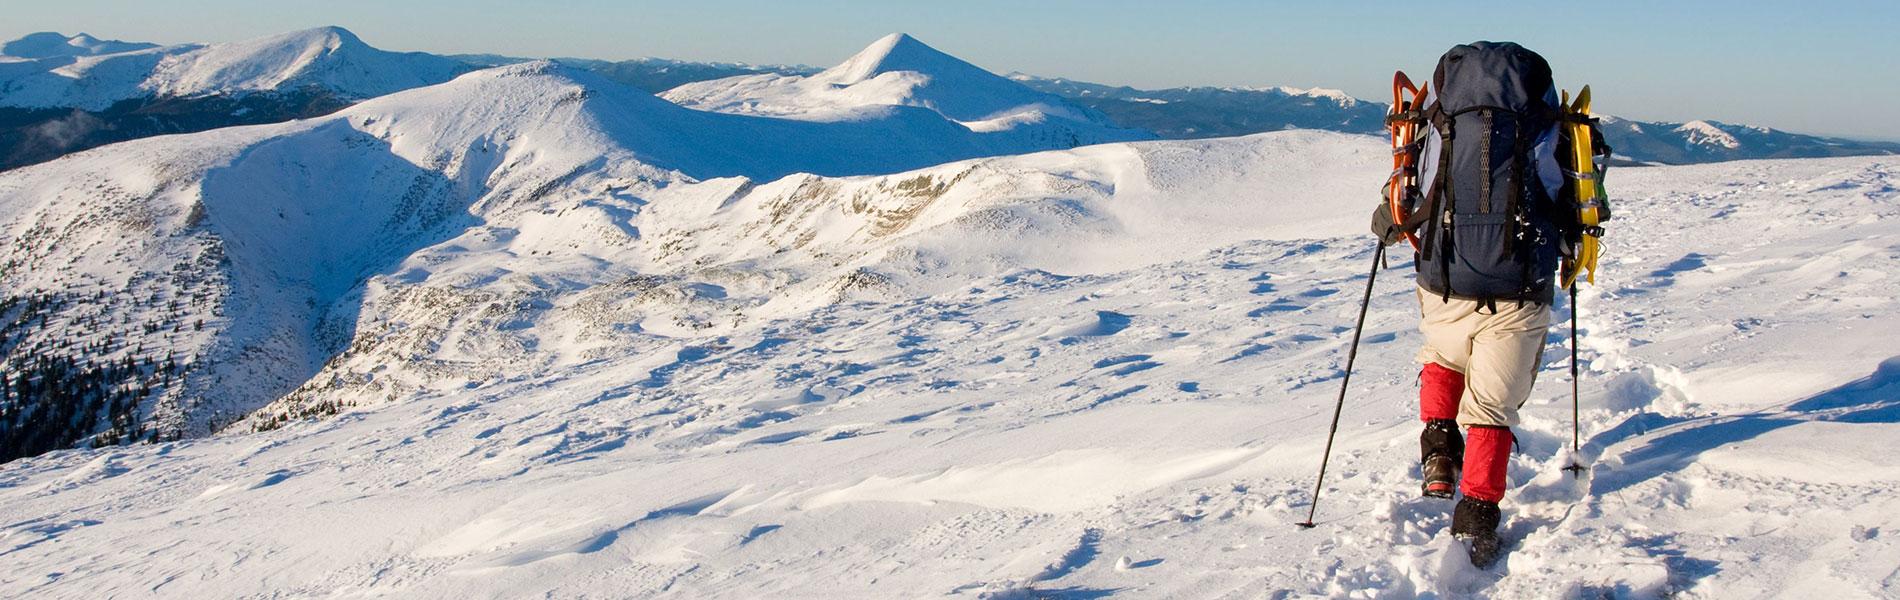 Wanderer auf Schneebedecktem Berg